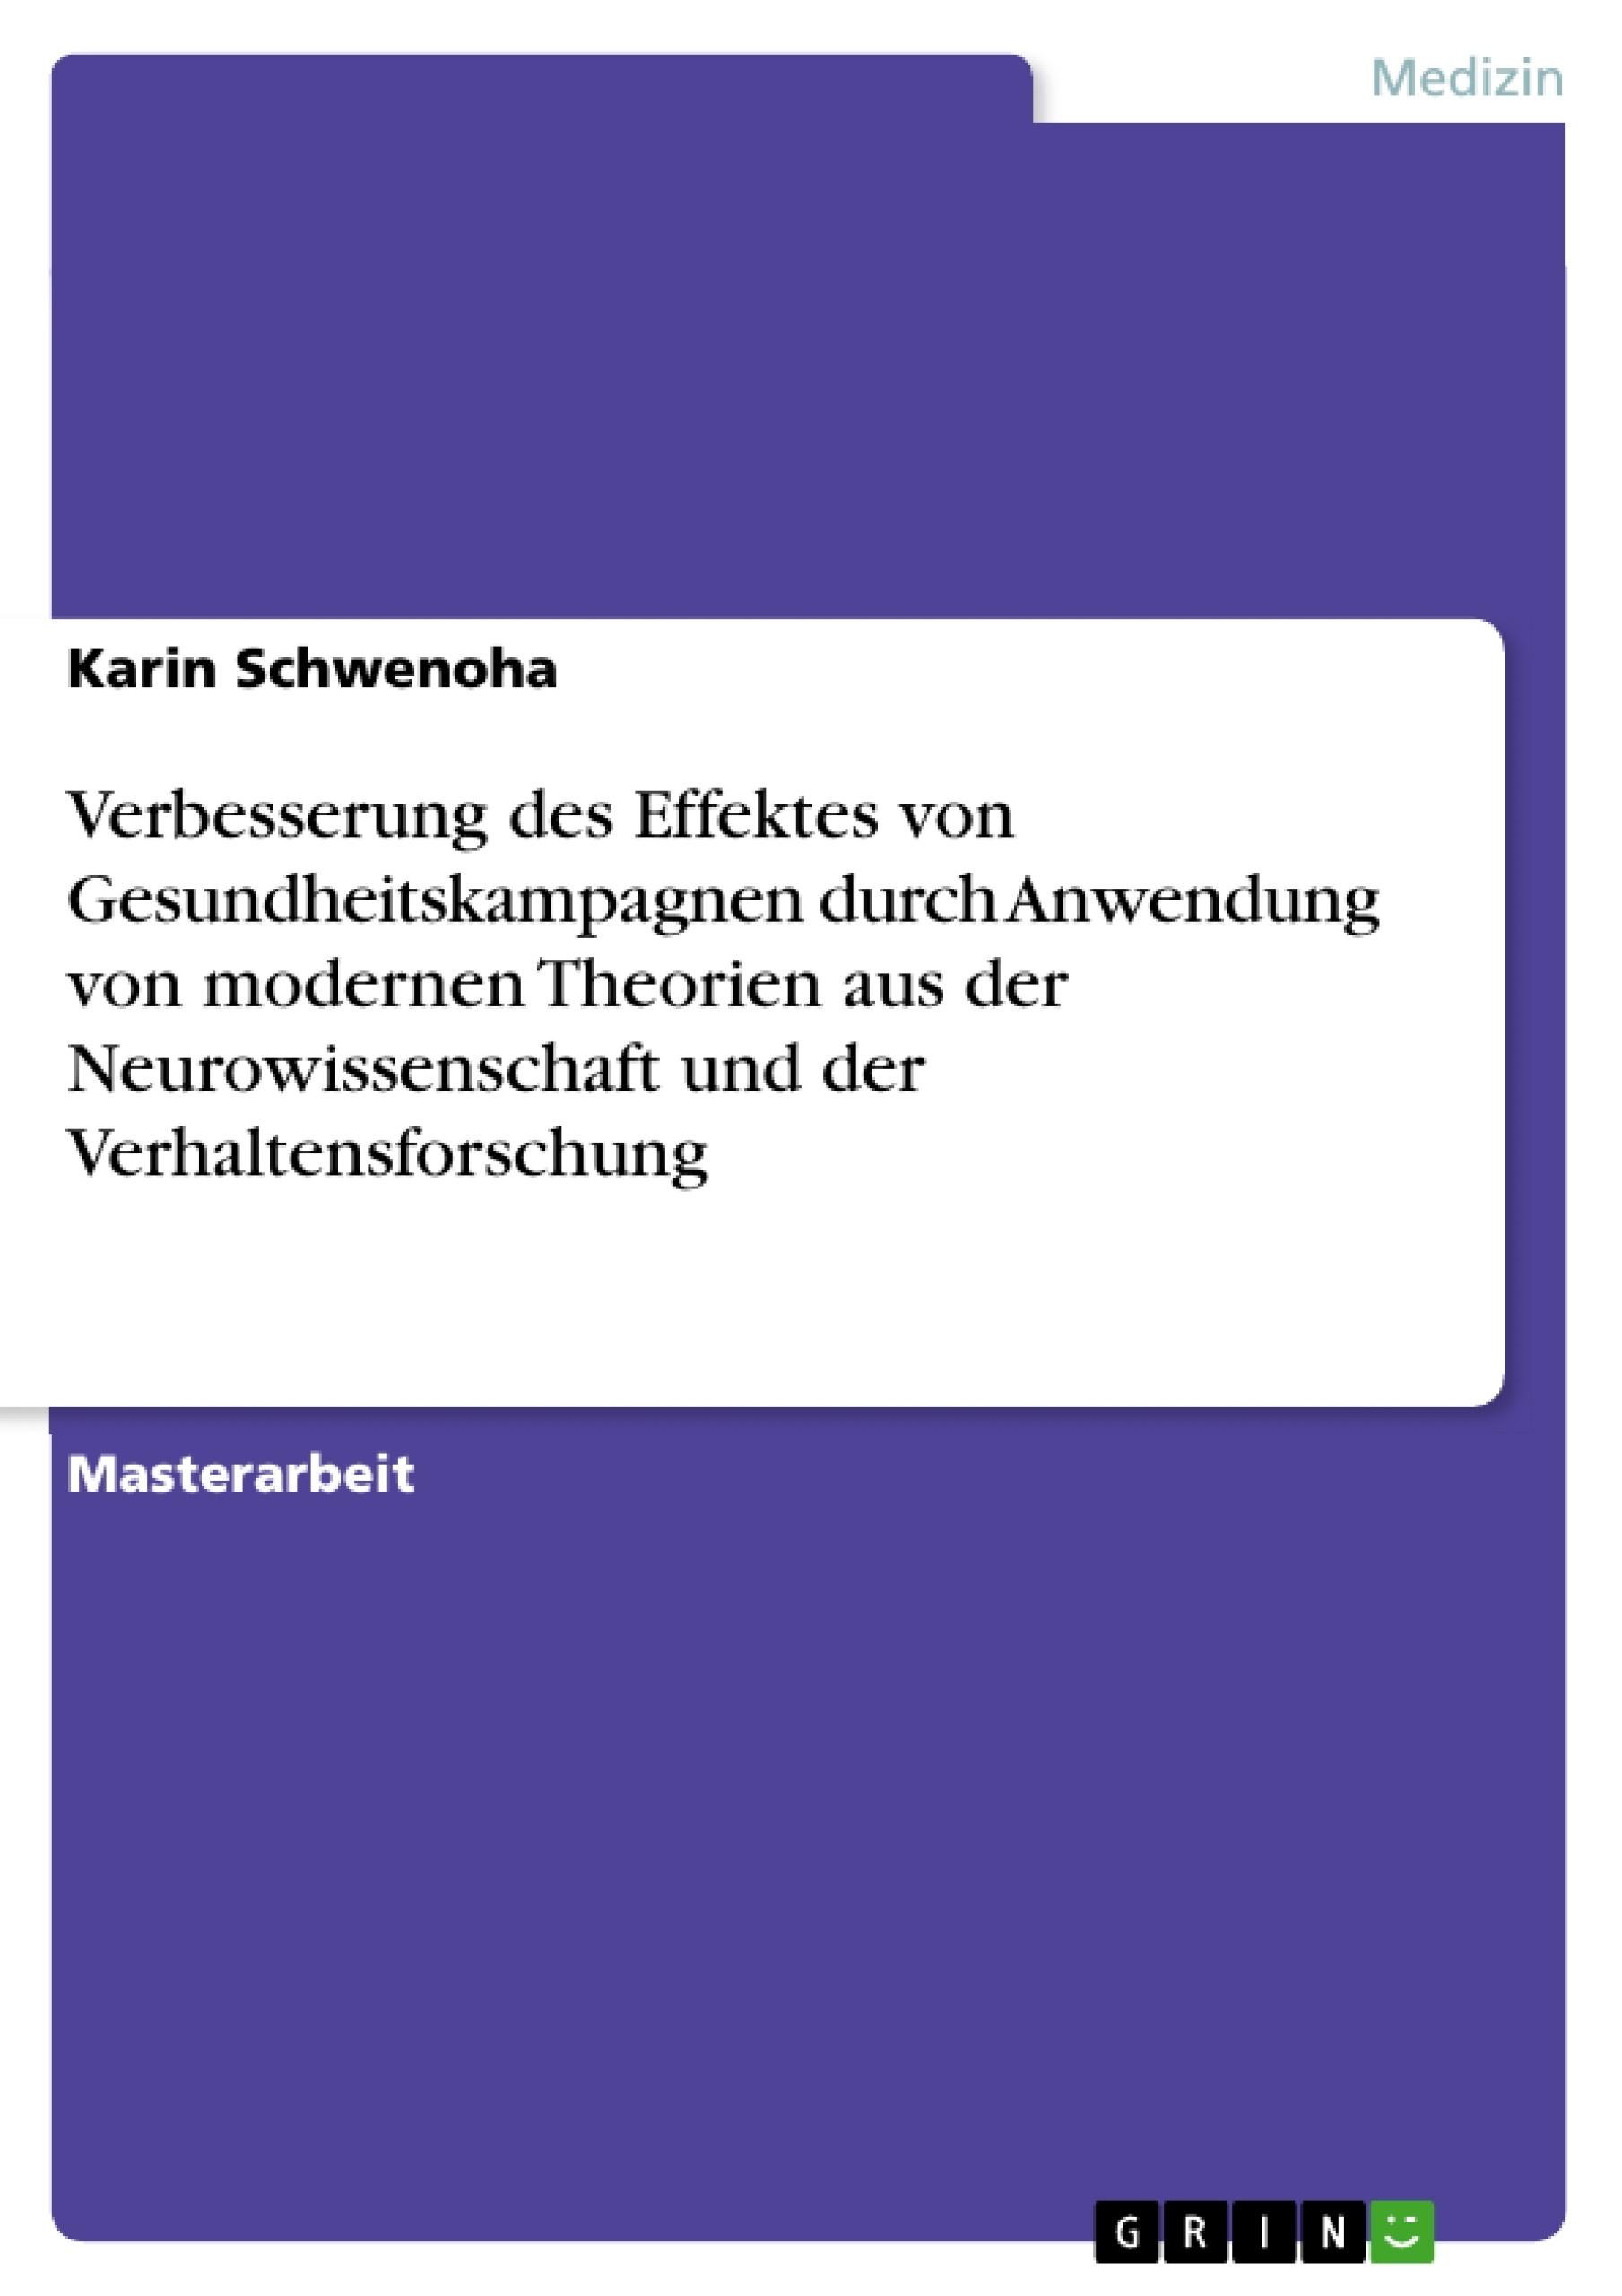 Titel: Verbesserung des Effektes von Gesundheitskampagnen durch Anwendung von modernen Theorien aus der Neurowissenschaft und der Verhaltensforschung